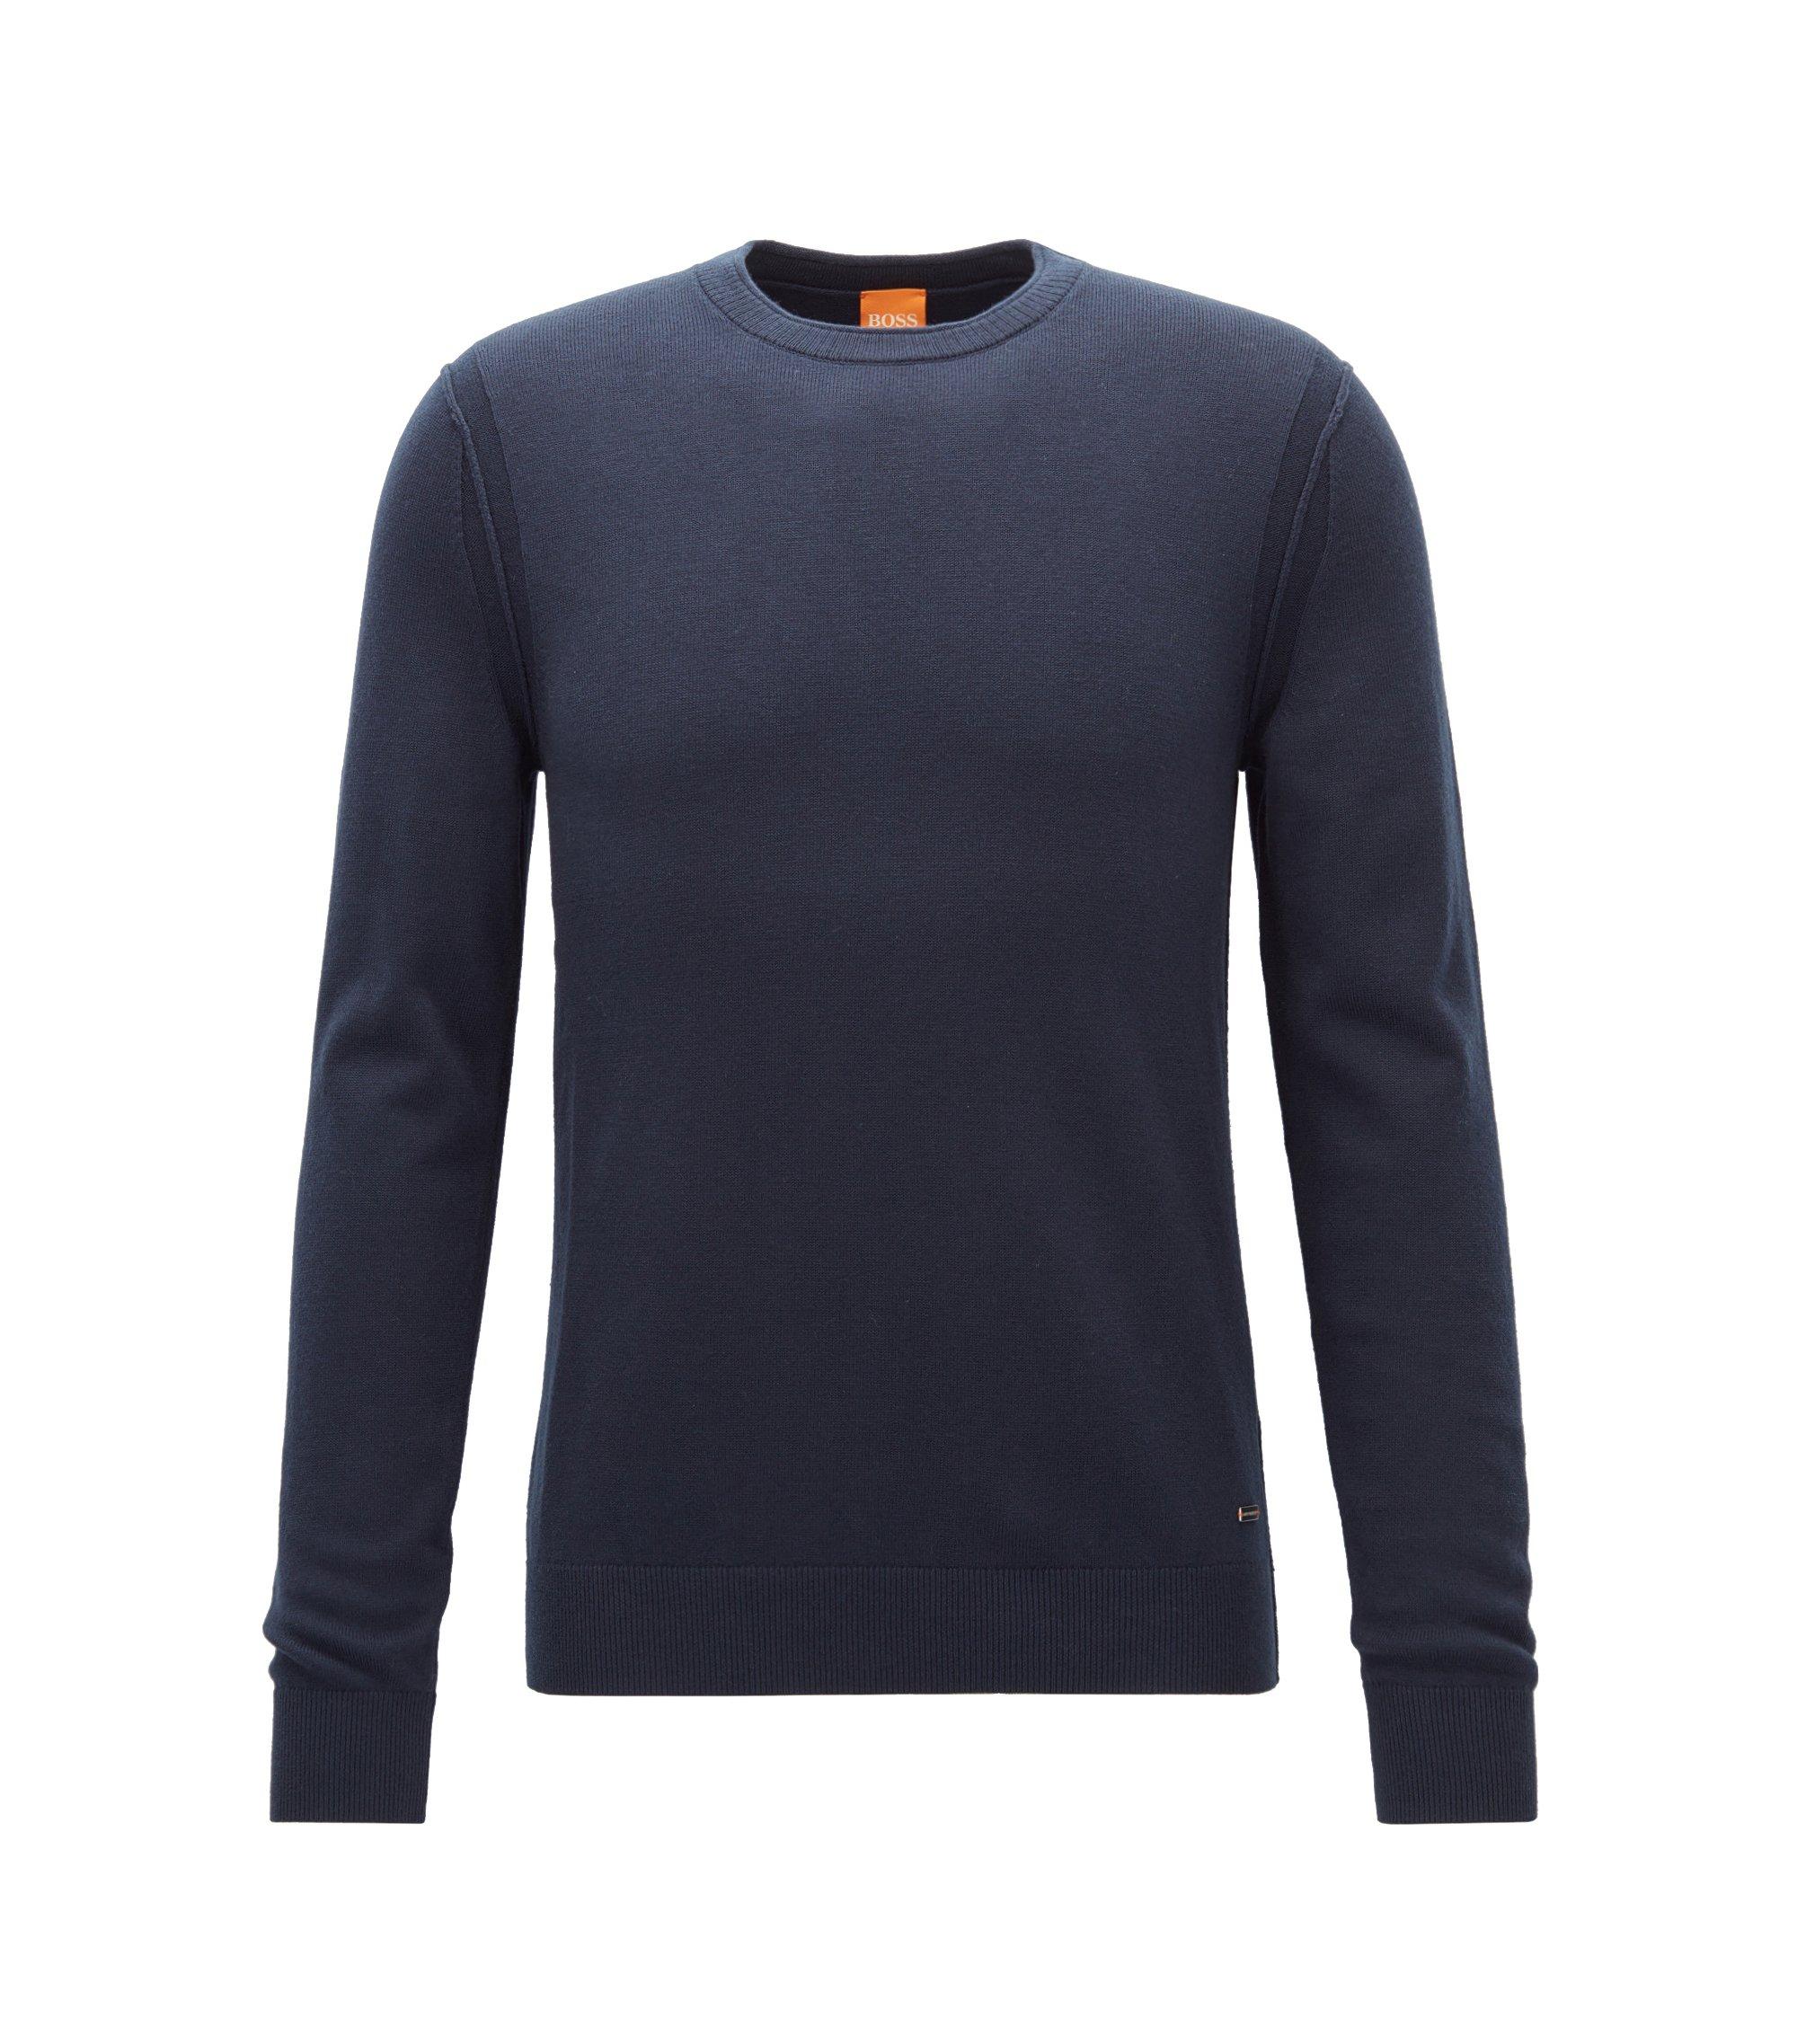 Maglione con cuciture a contrasto, Blu scuro